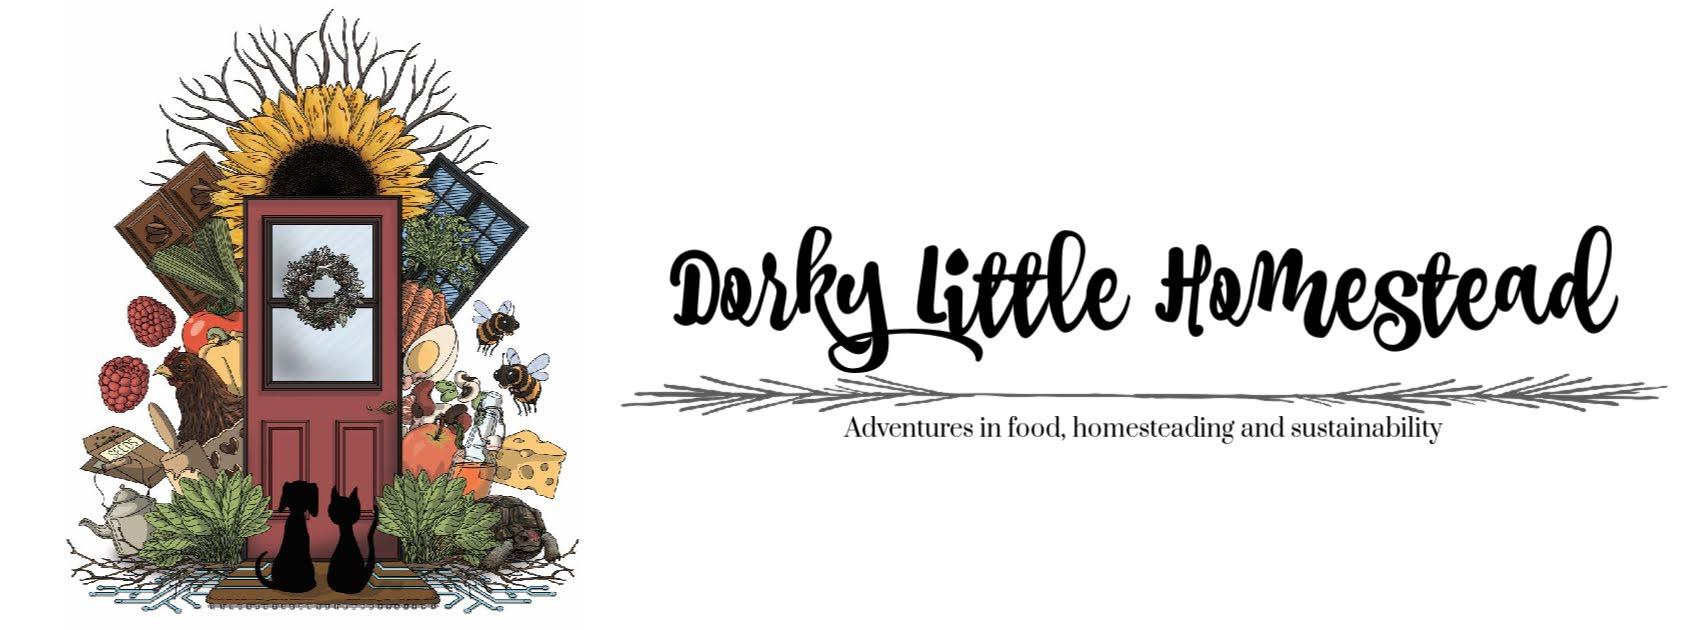 Dorky Little Homestead